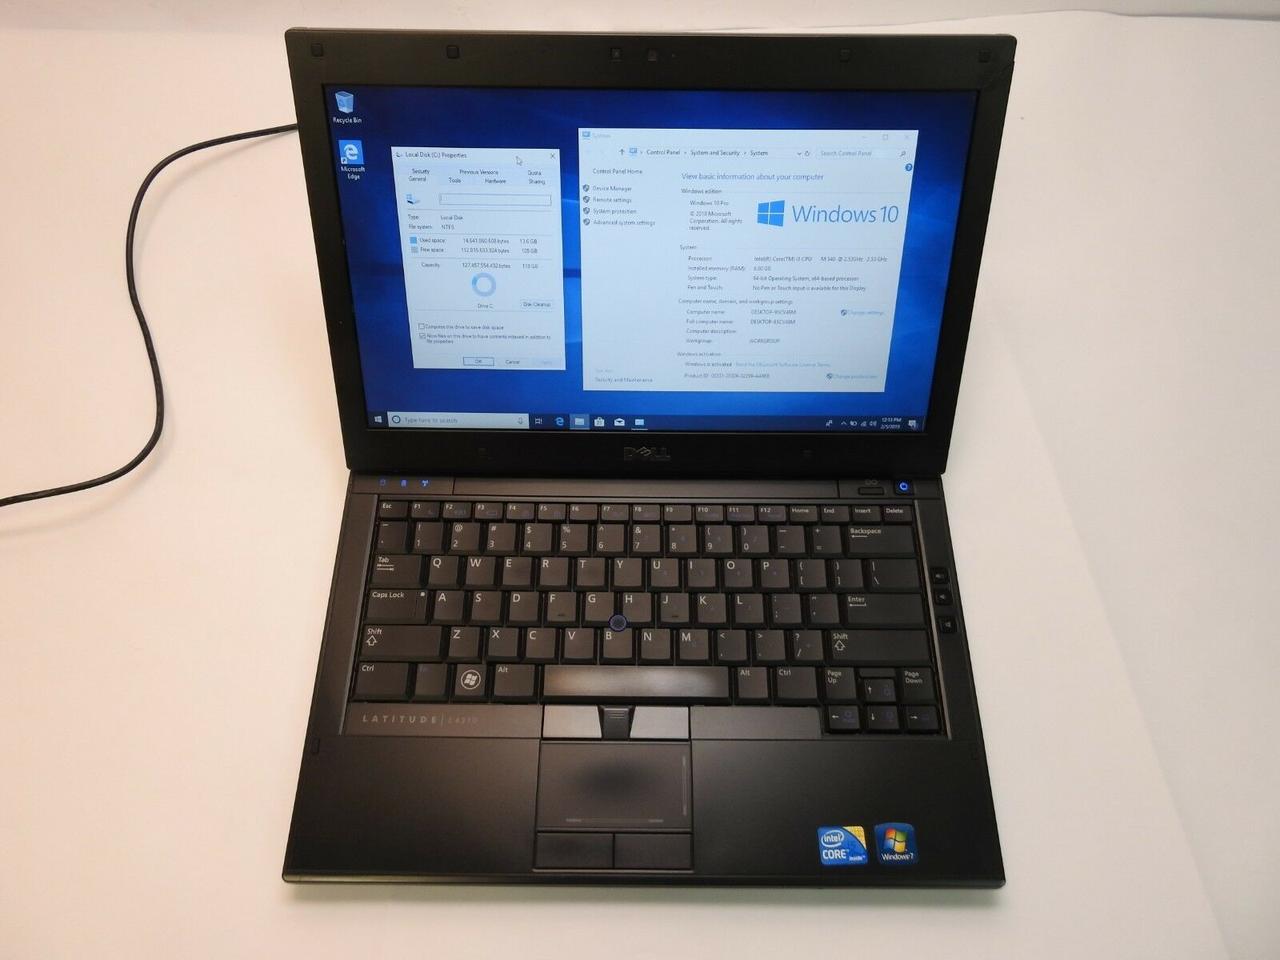 Ноутбук, notebook, DELL e4310, 2 ядра по 2,9 ГГц, 4 Гб ОЗУ, HDD 320 Гб